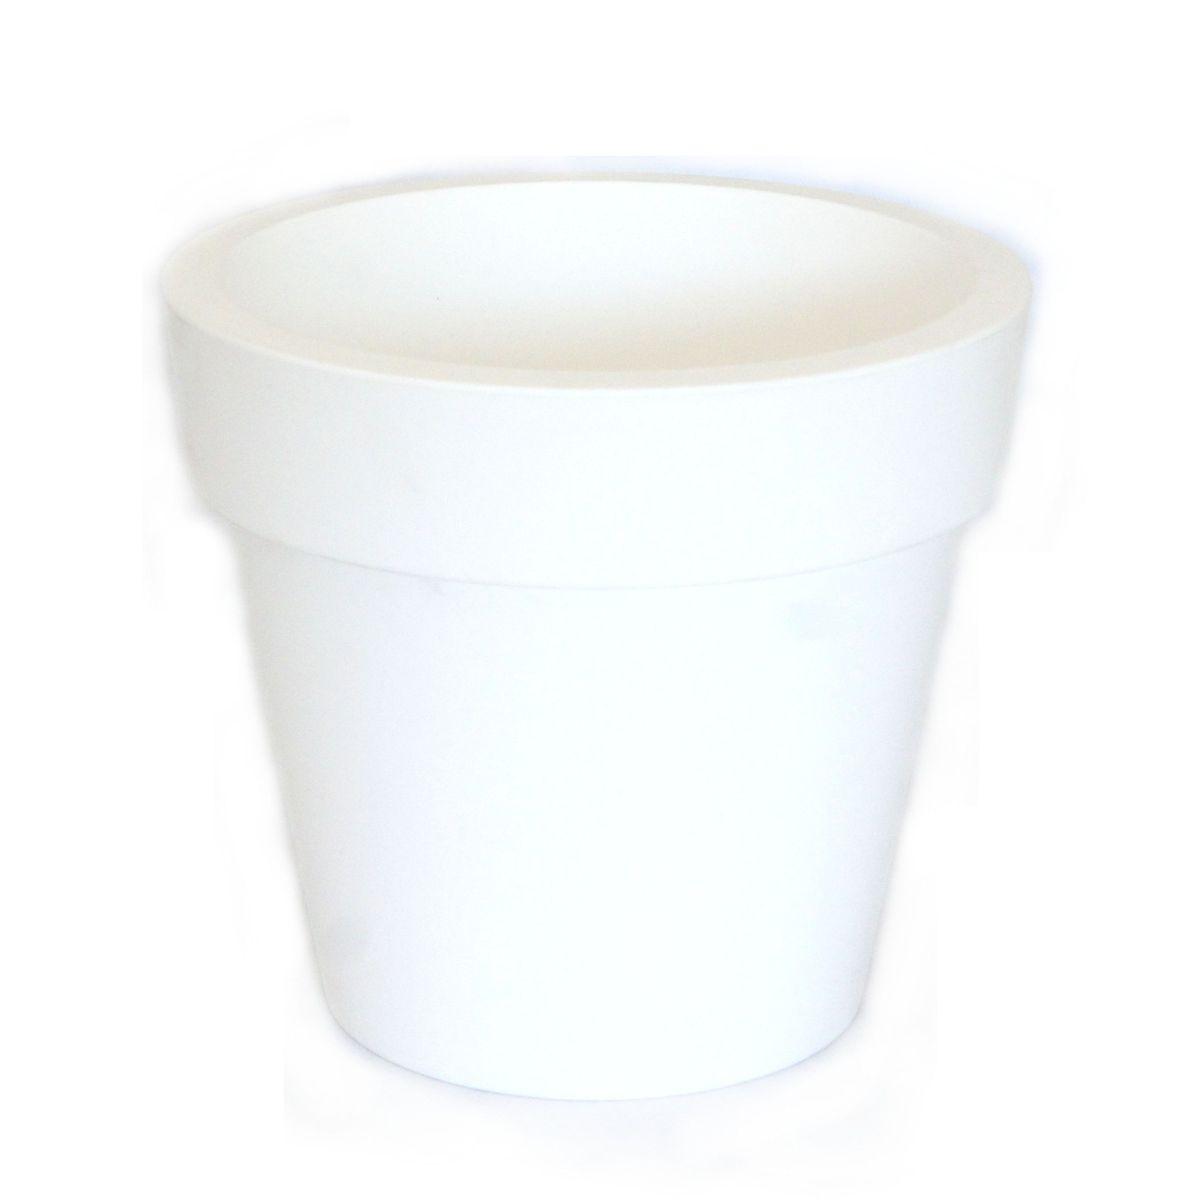 Кашпо JetPlast Порто, со вставкой, цвет: белый, 1 л2311172Кашпо JetPlast Порто выполнено из полипропилена. Оно имеет классическую форму с внутренней вставкой-горшком. Дренажная вставка позволяет легко поливать растения без использования дополнительного поддона. Вместительный объем кашпо позволяет высаживать самые разнообразные растения, а съемная вставка избавит вас от грязи и подчеркнет красоту цветка.